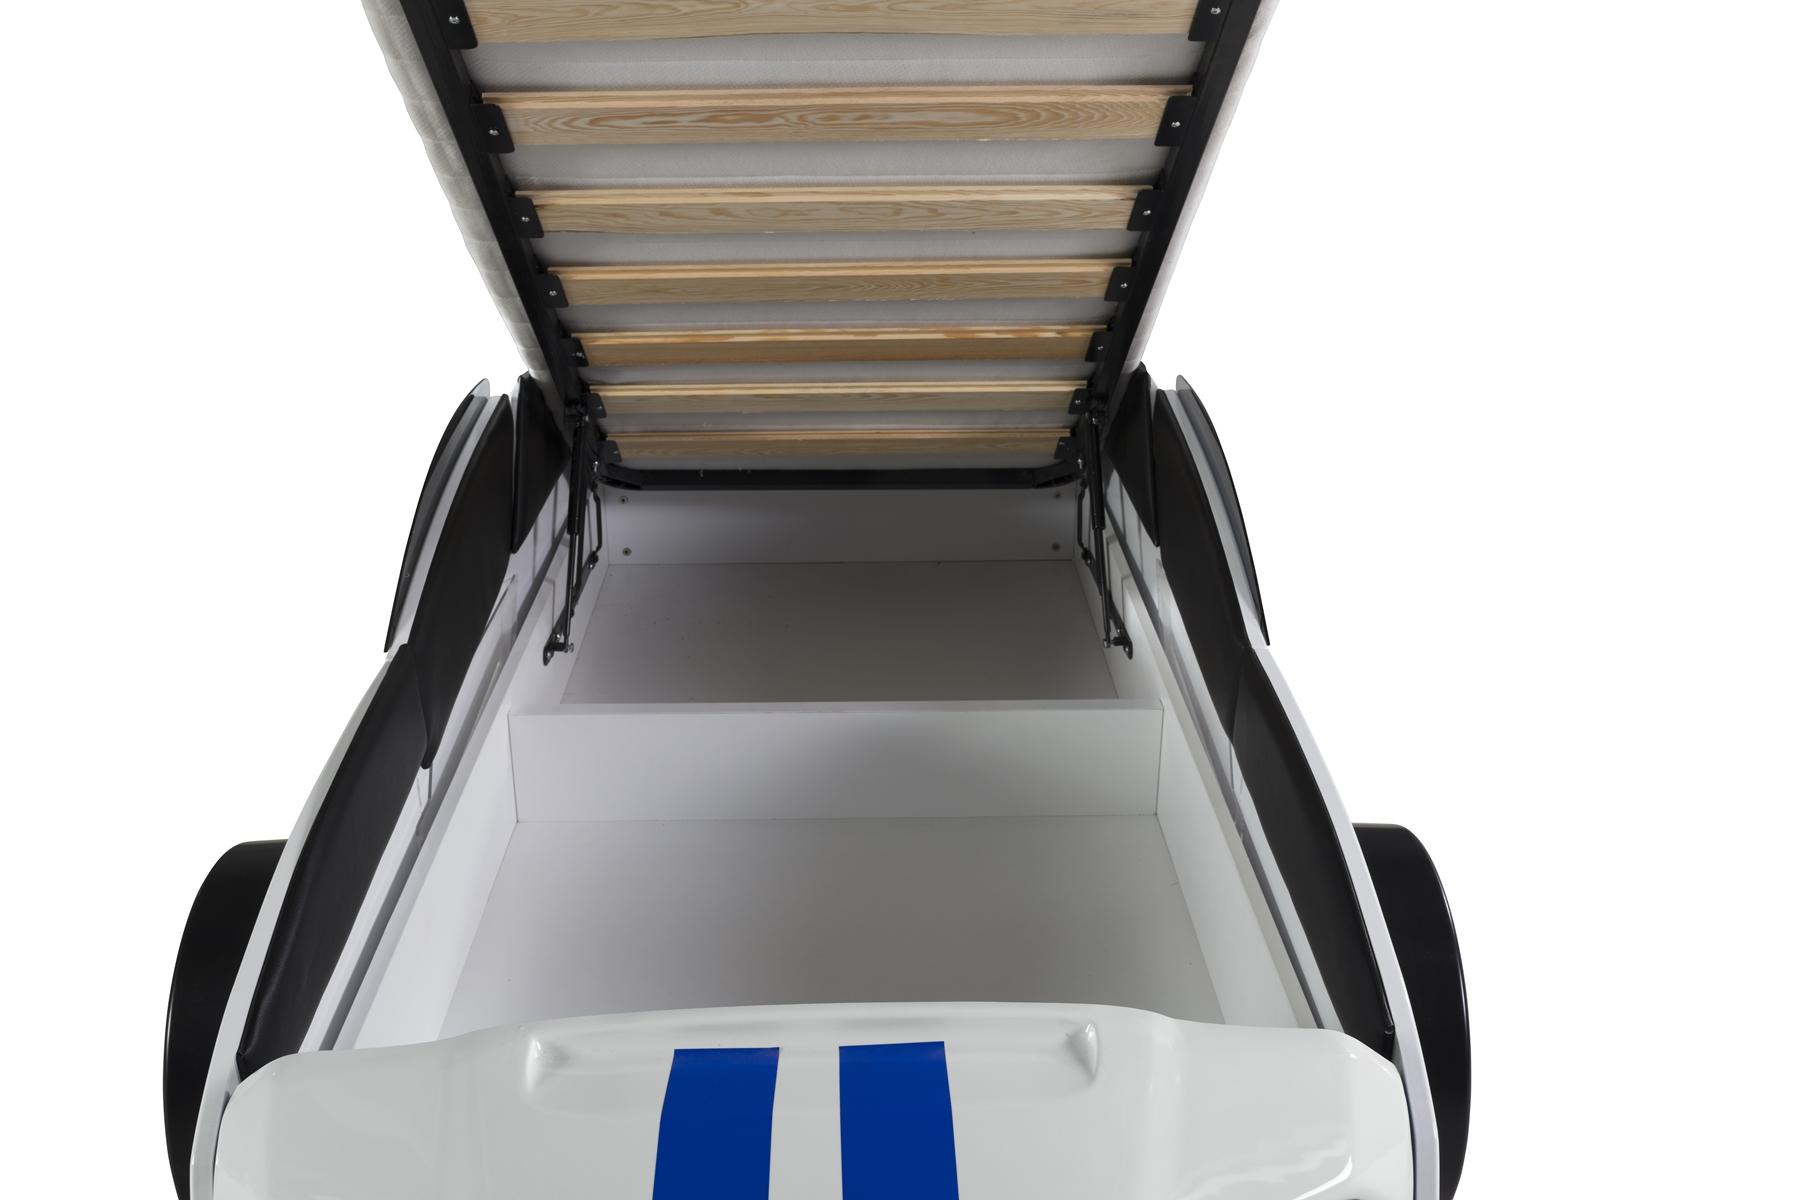 Autobett Must Rider 500 mit Türen in Weiß